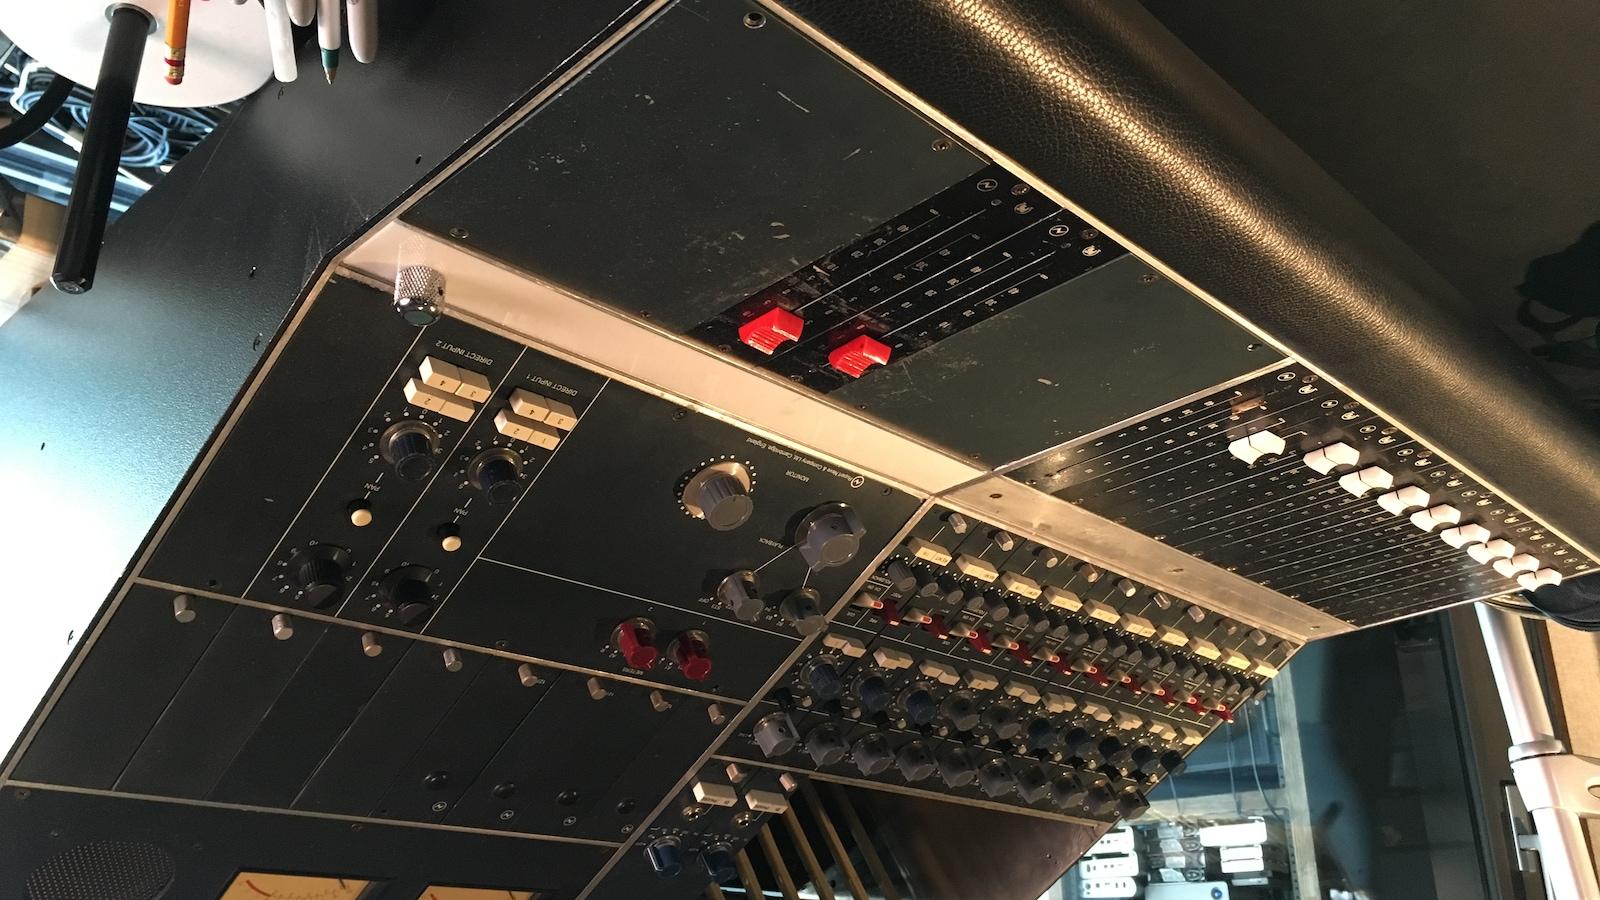 Console de son dans le studio PM de Pierre Marchand.